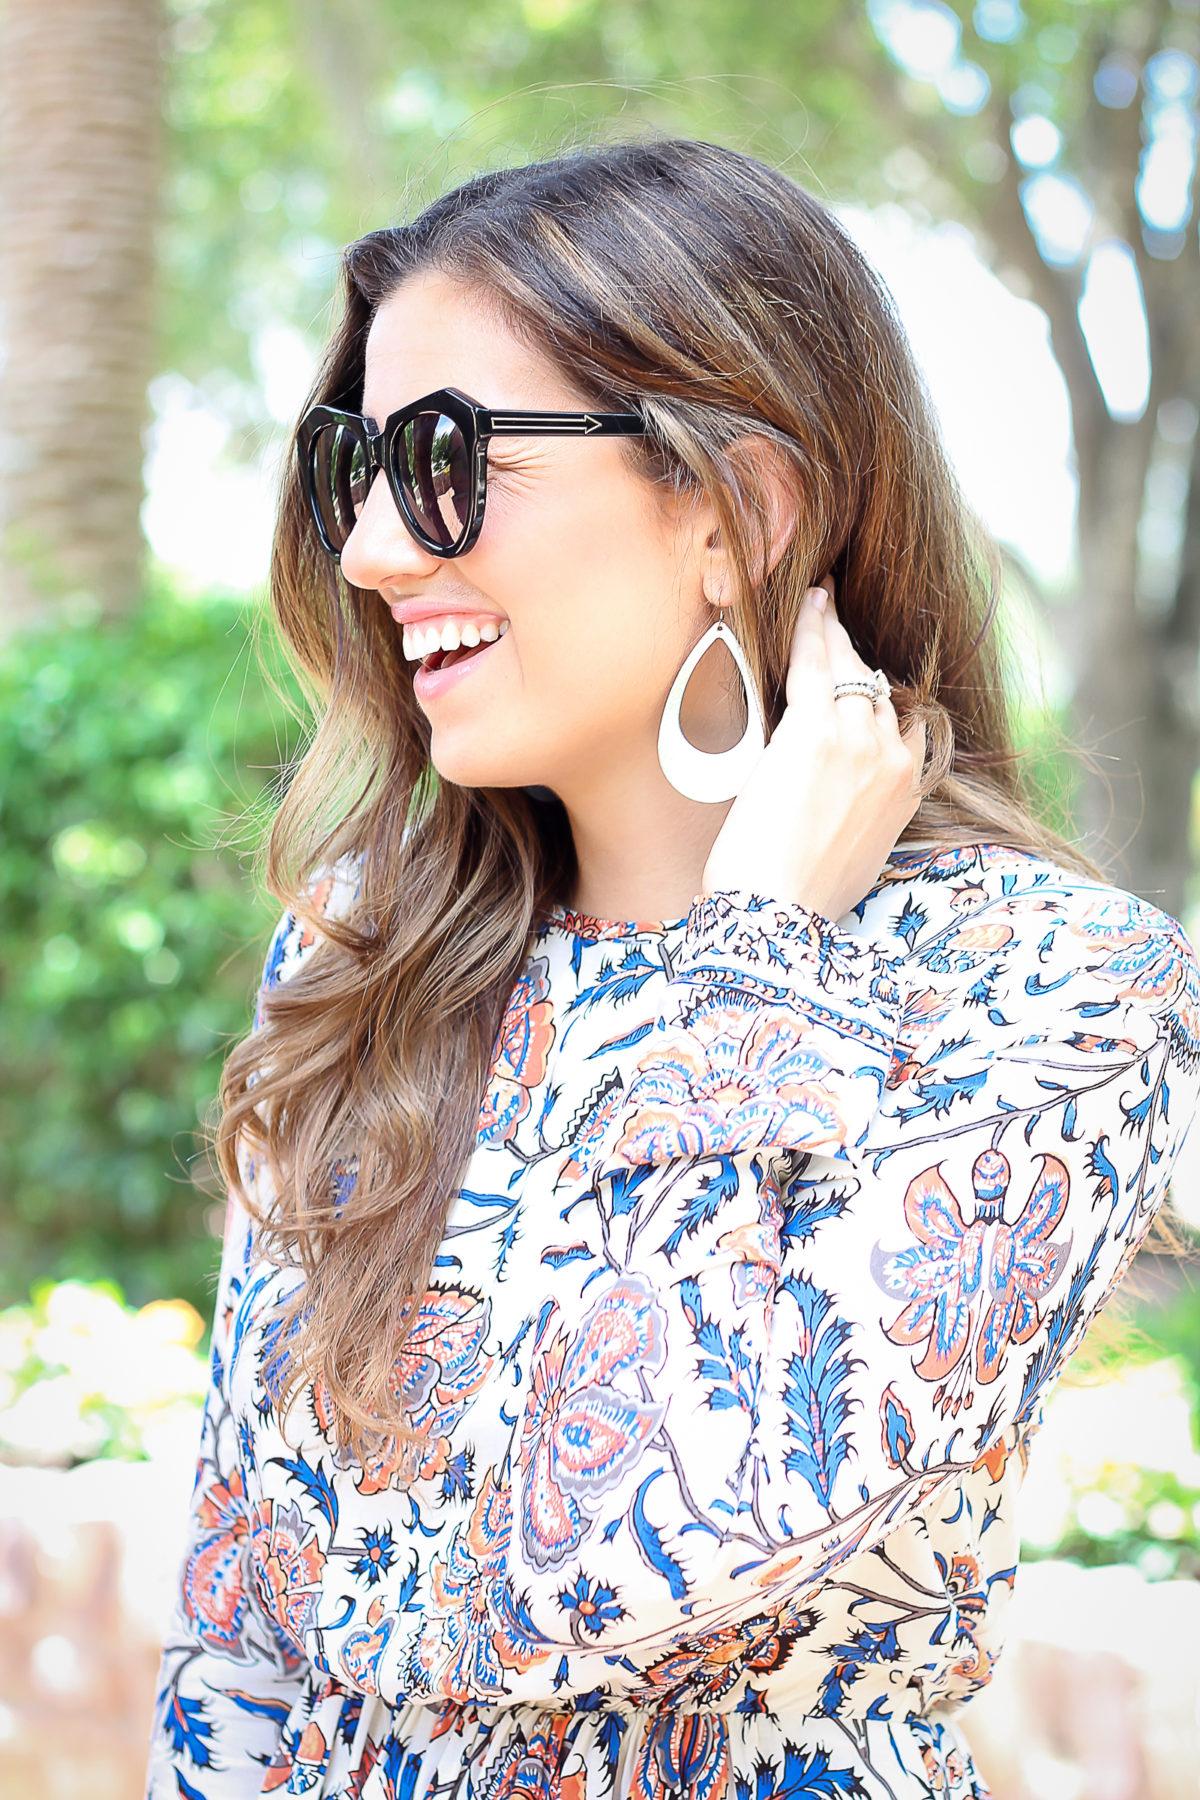 Nickel & Suede leather earrings